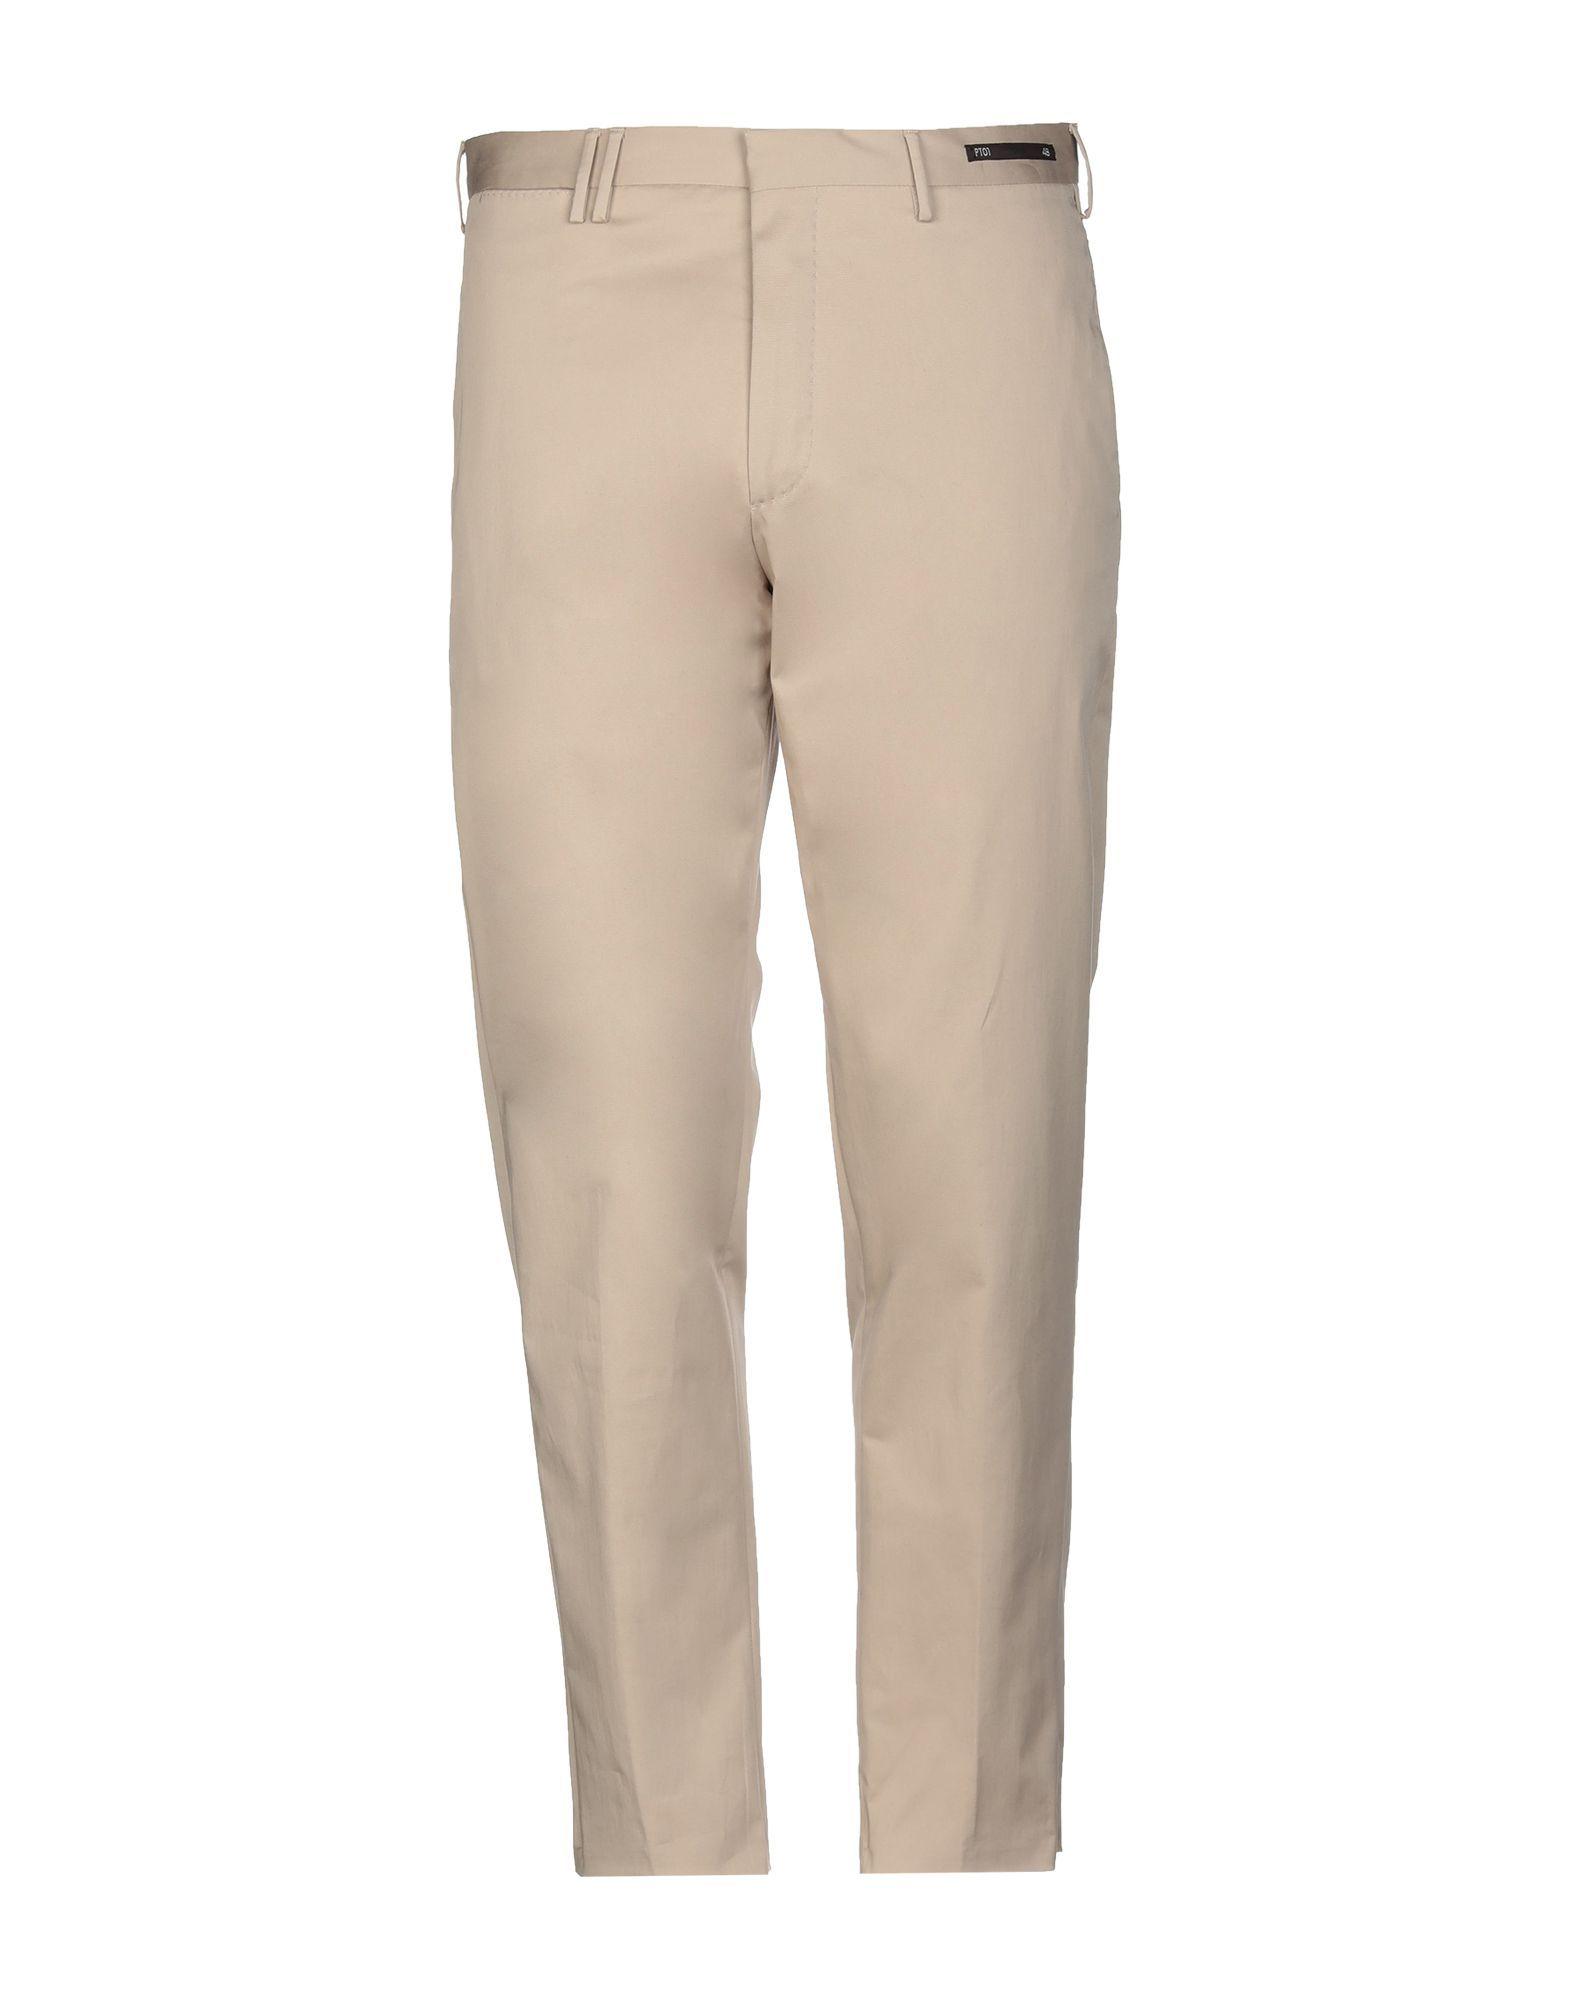 PT01 Beige Cotton Regular Fit Trousers